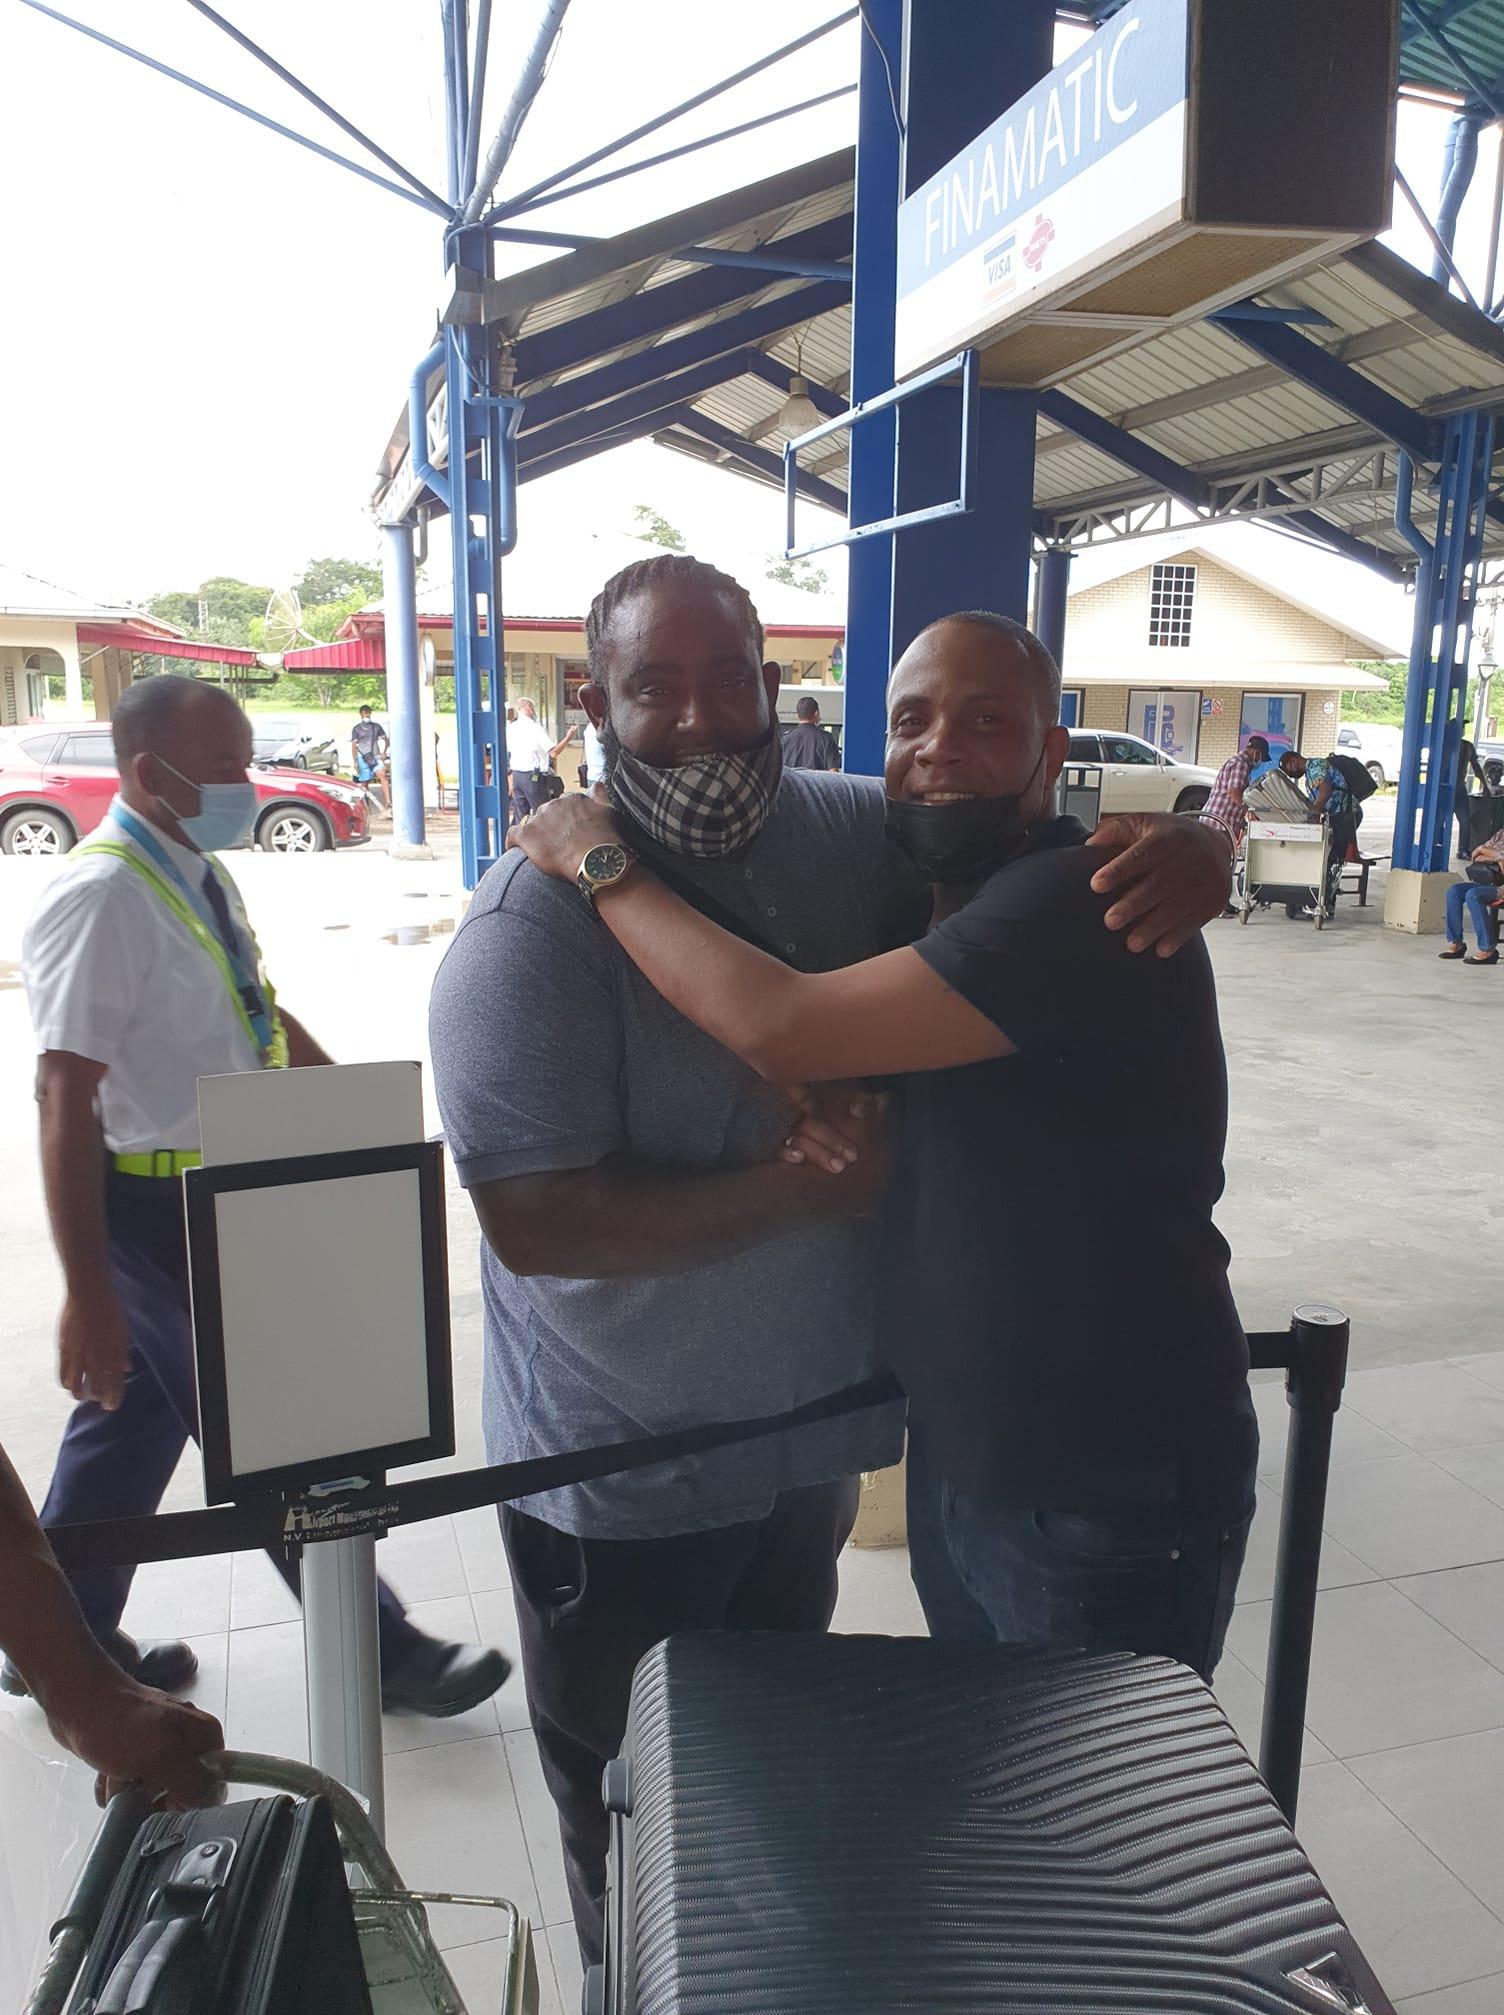 Serge Deekman Suriname Paramaribo